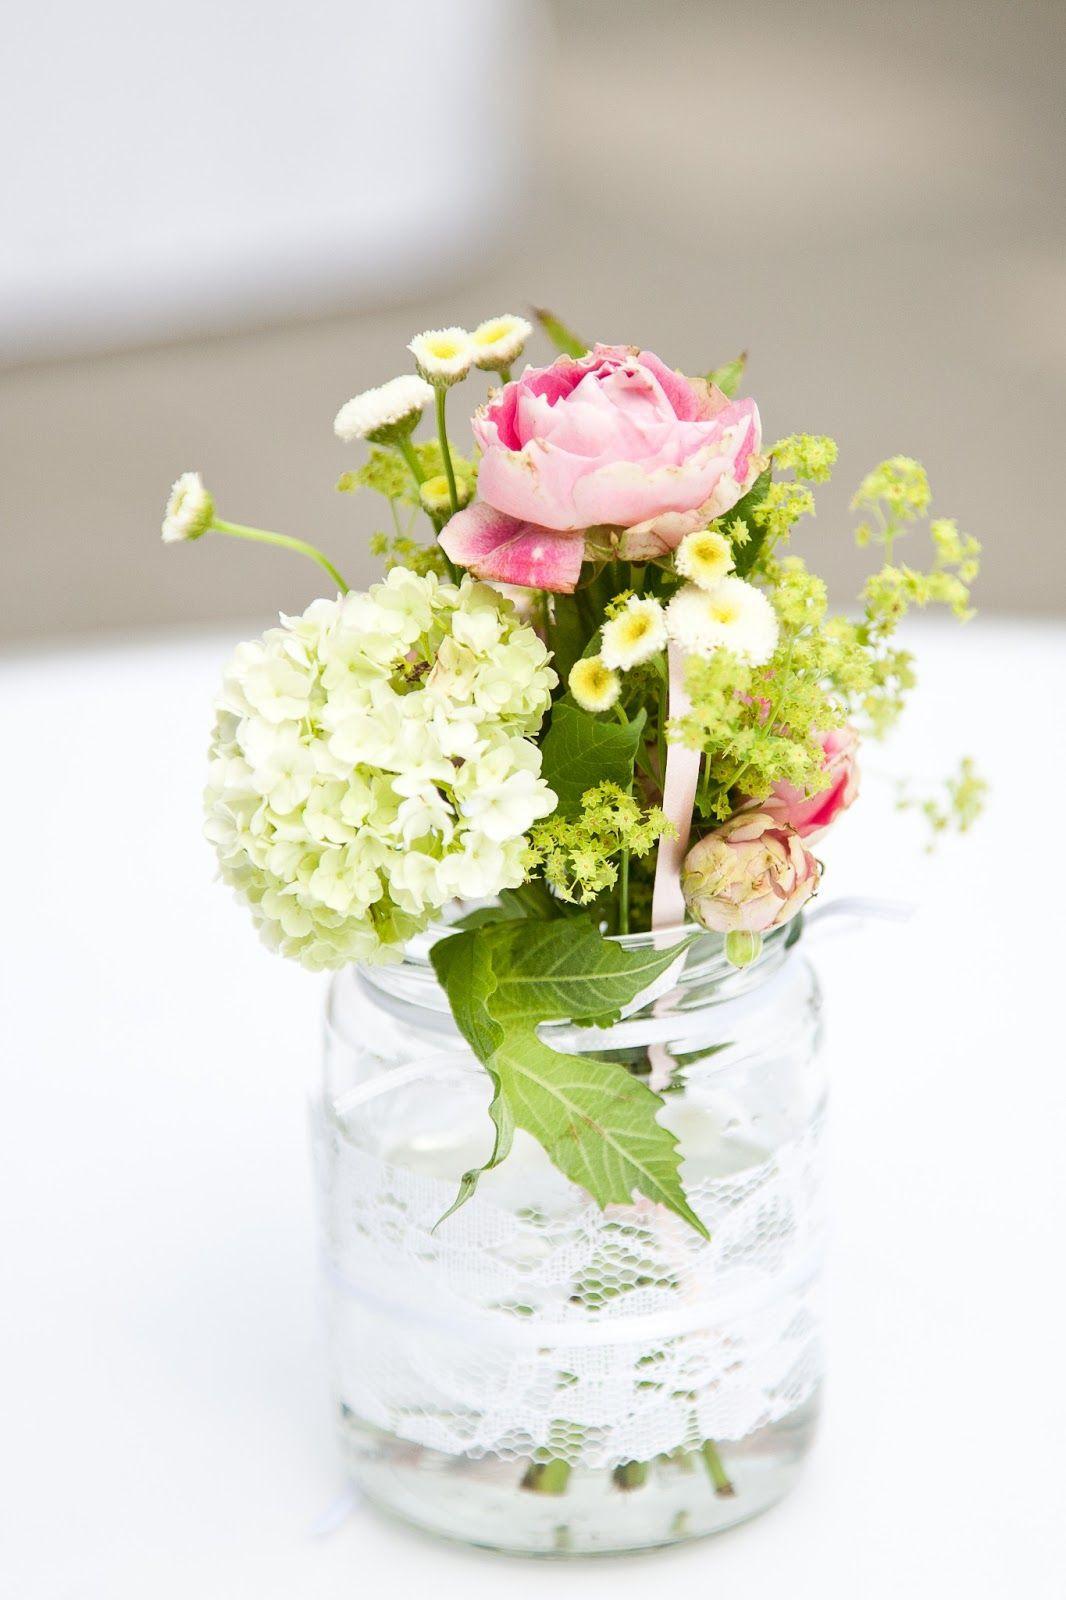 Hochzeit Blumen Tischdeko  Blumen Tischdeko